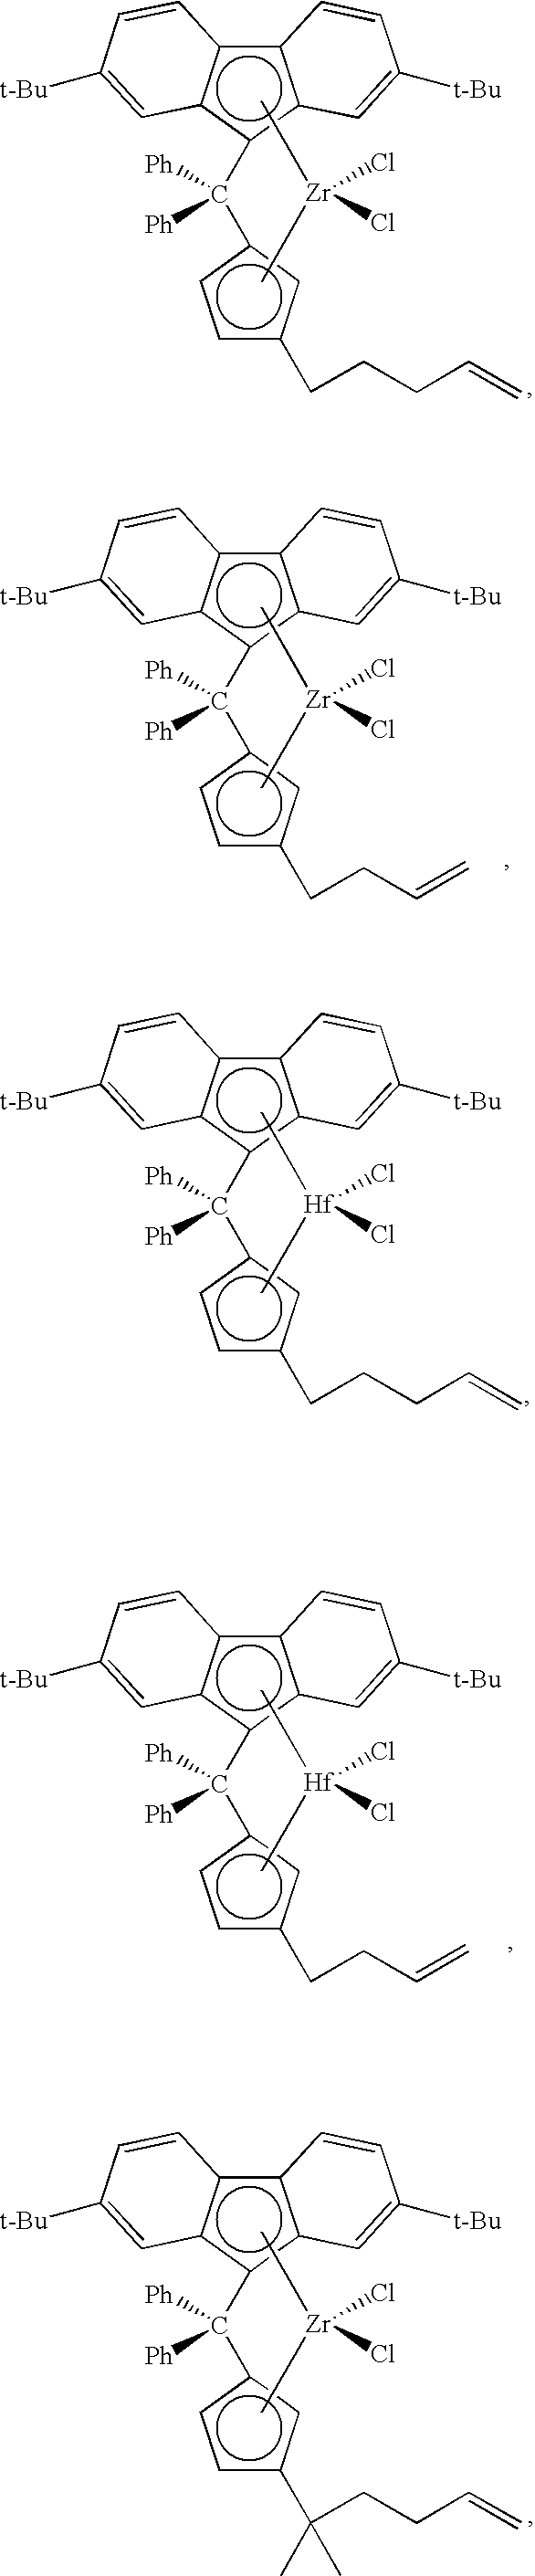 Figure US08114946-20120214-C00010